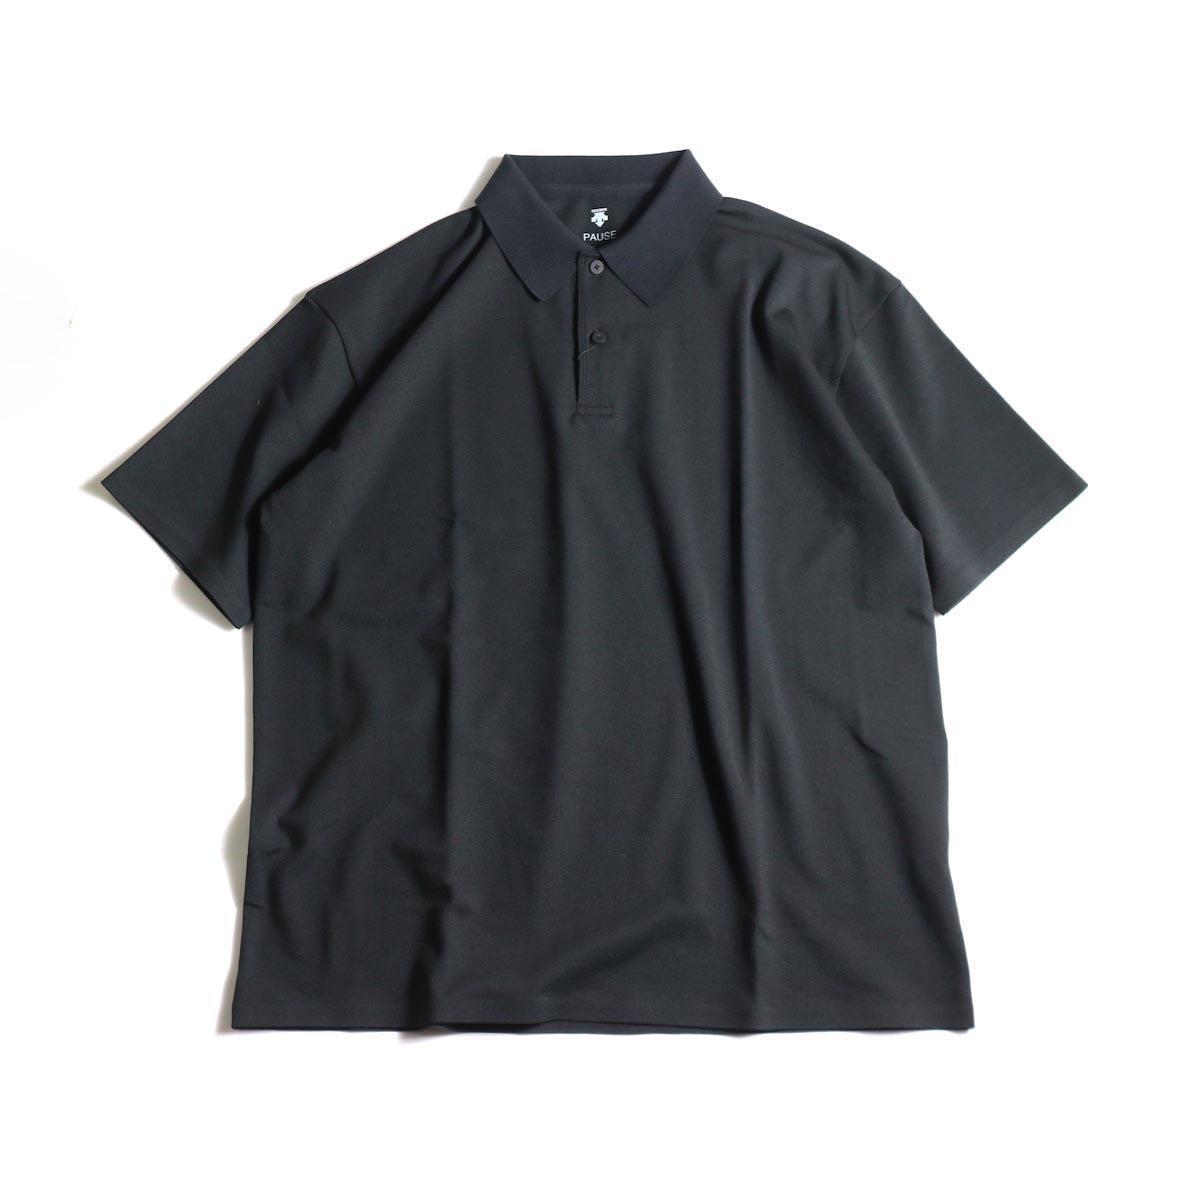 DESCENTE PAUSE / POLO SHIRT (Black)